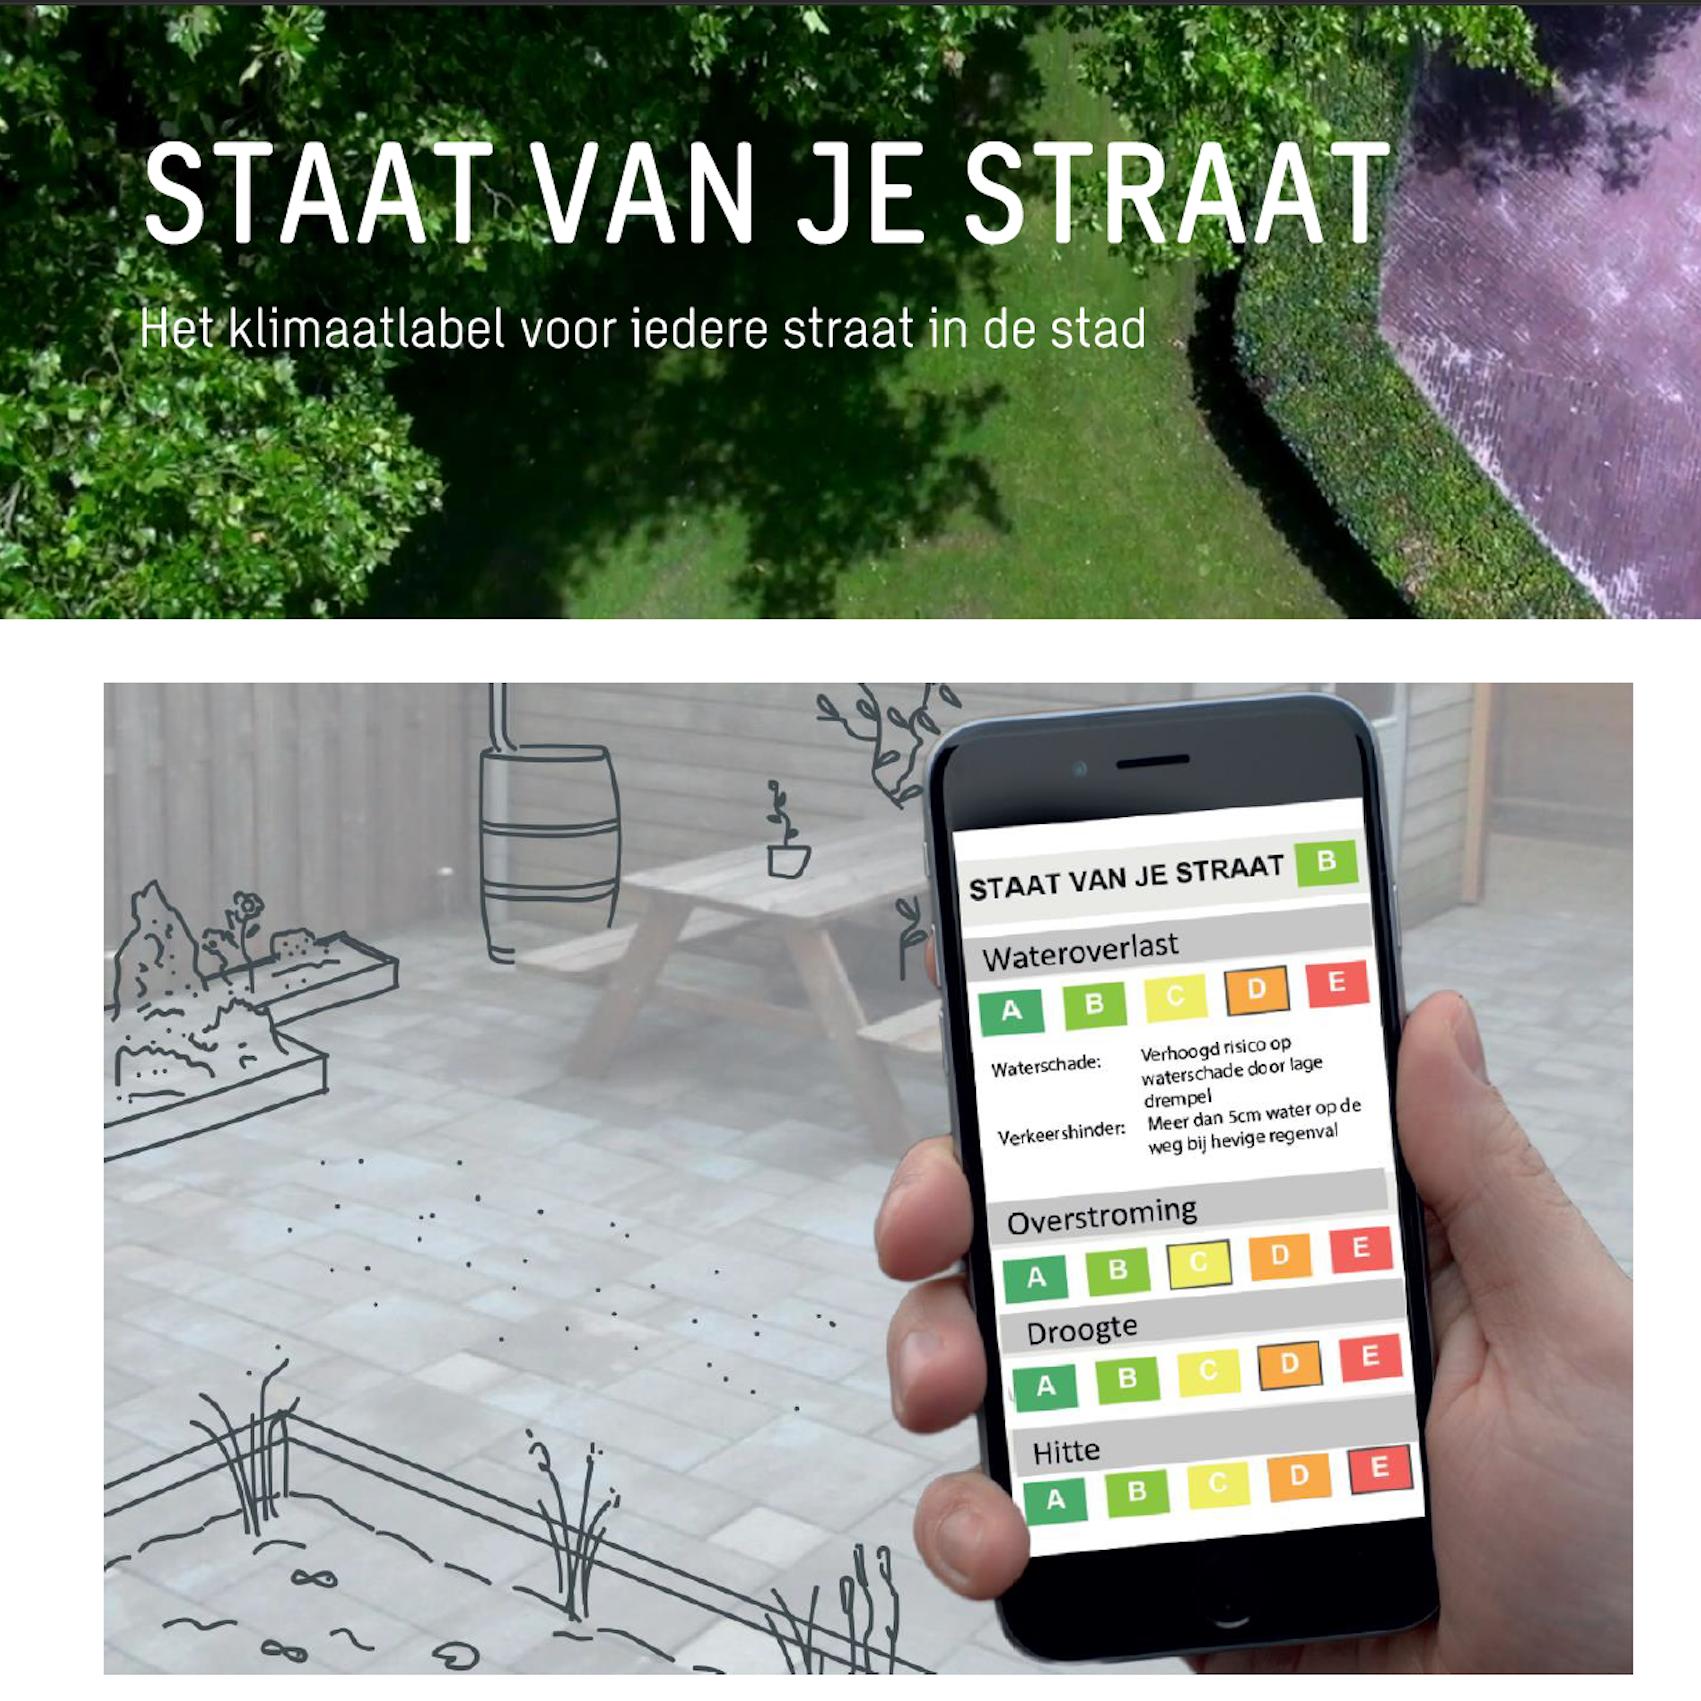 Staat van je straat: communicatieadvies